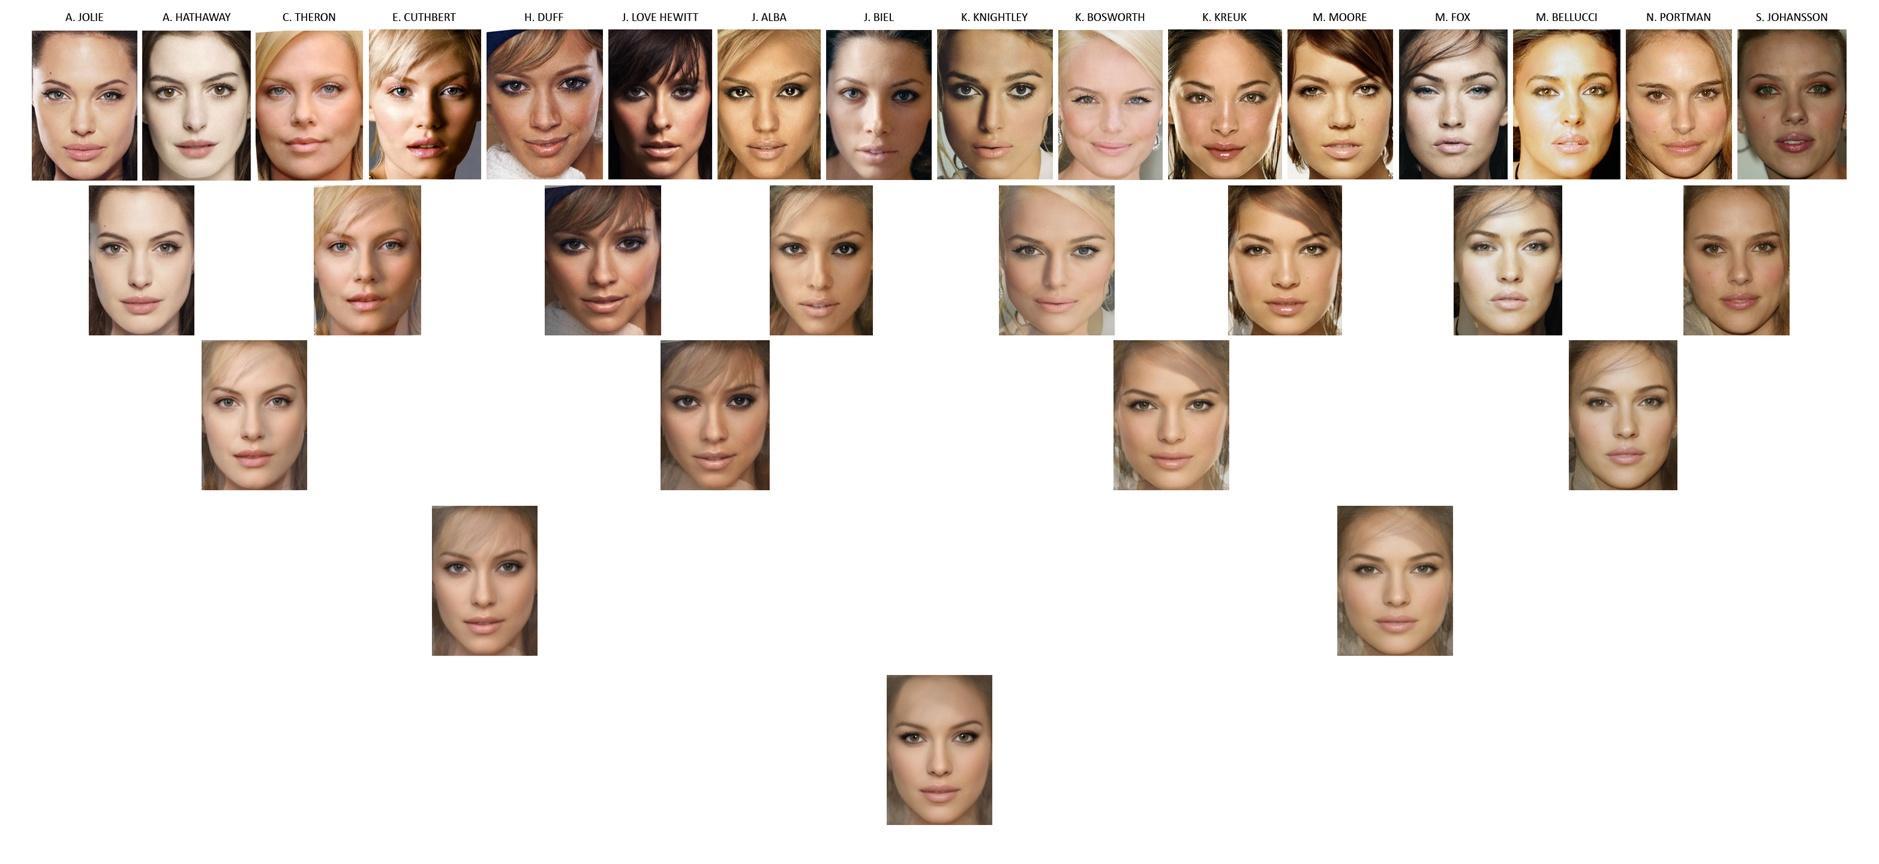 David Keyes imaginou como seria o resultado final se 16 das mulheres